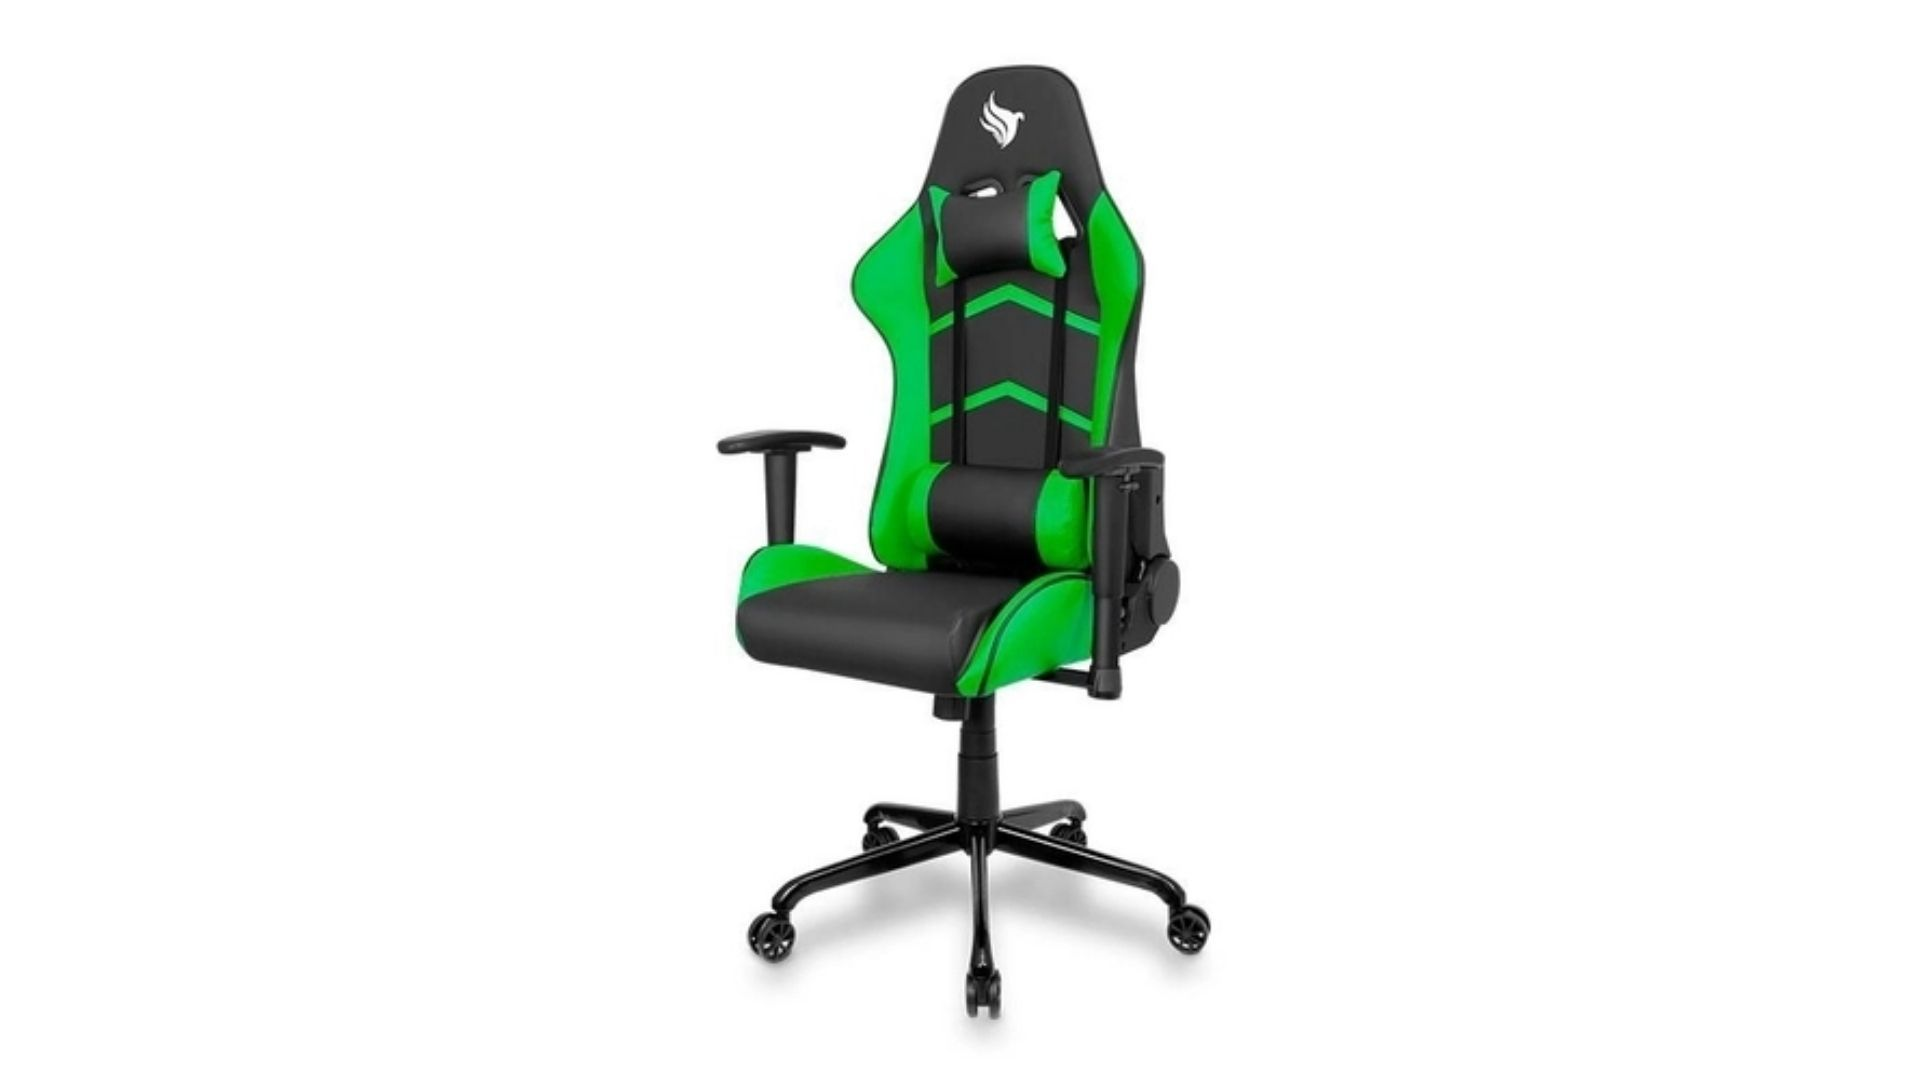 Cadeira Gamer Pichau Gaming Donek preta e verde em fundo branco